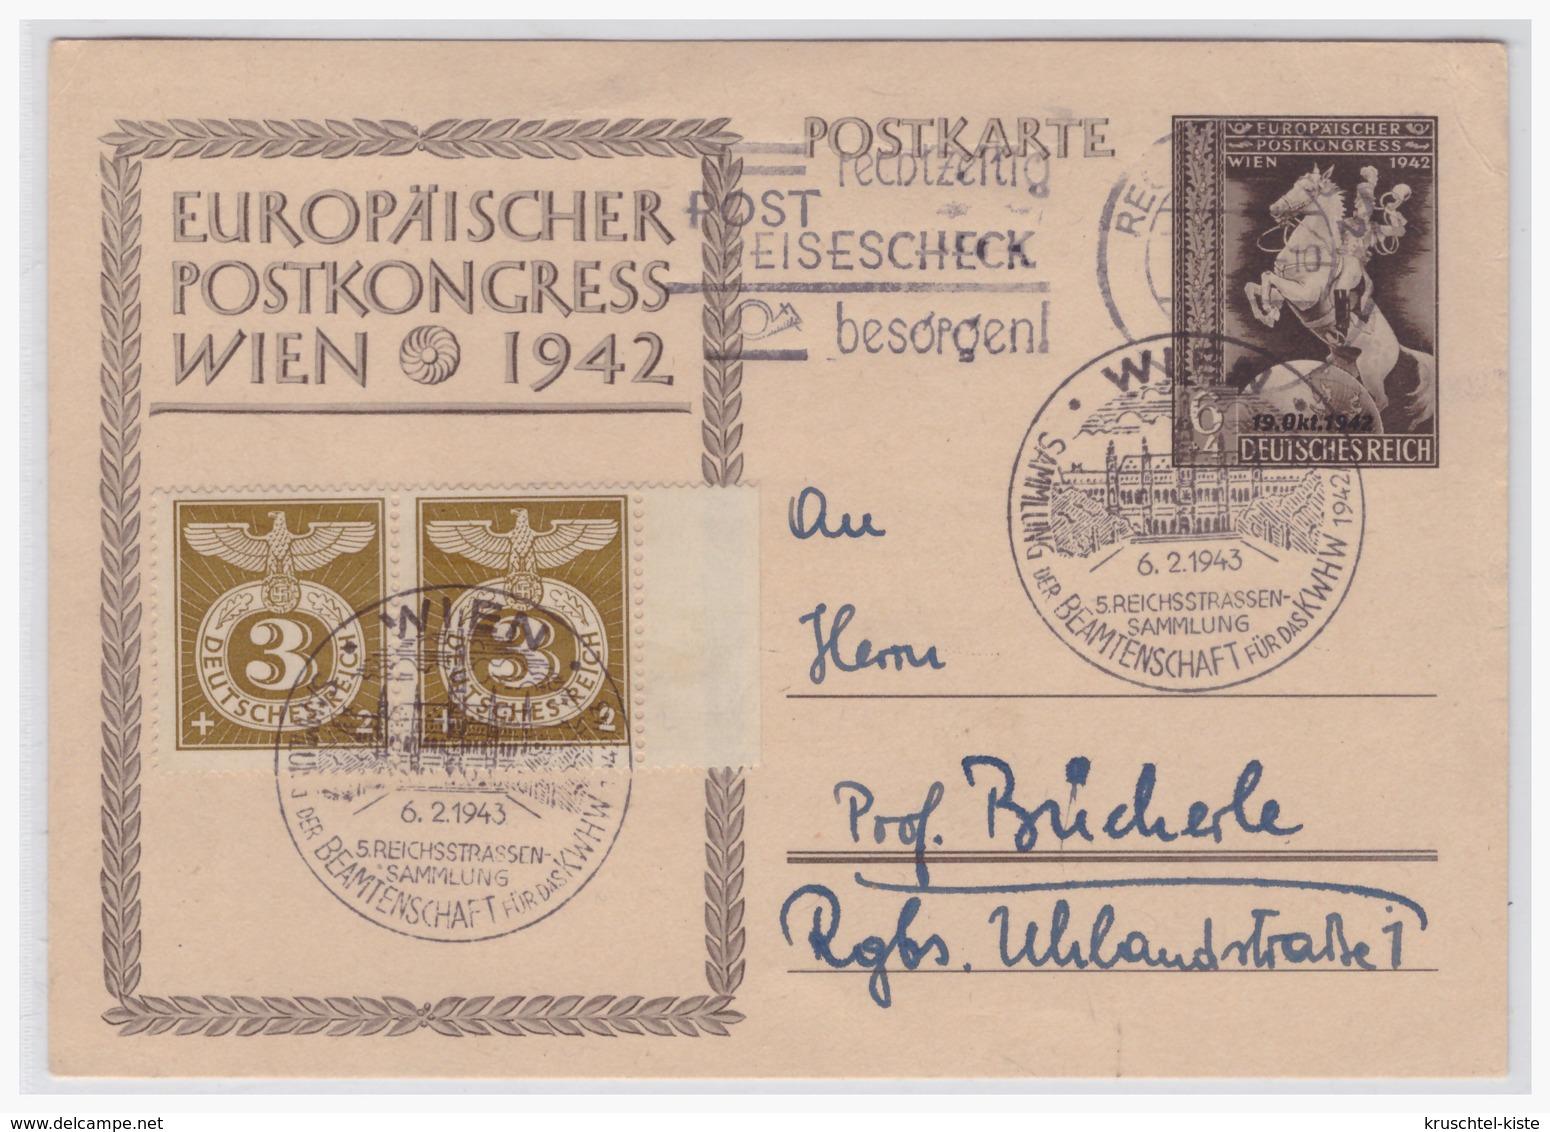 Dt.- Reich (001164) Ganzsache P294, Sonderpostkarte Europäischer Postkongress Wien 1942, Gelaufen Regenburg Am 3.7.1943 - Ganzsachen